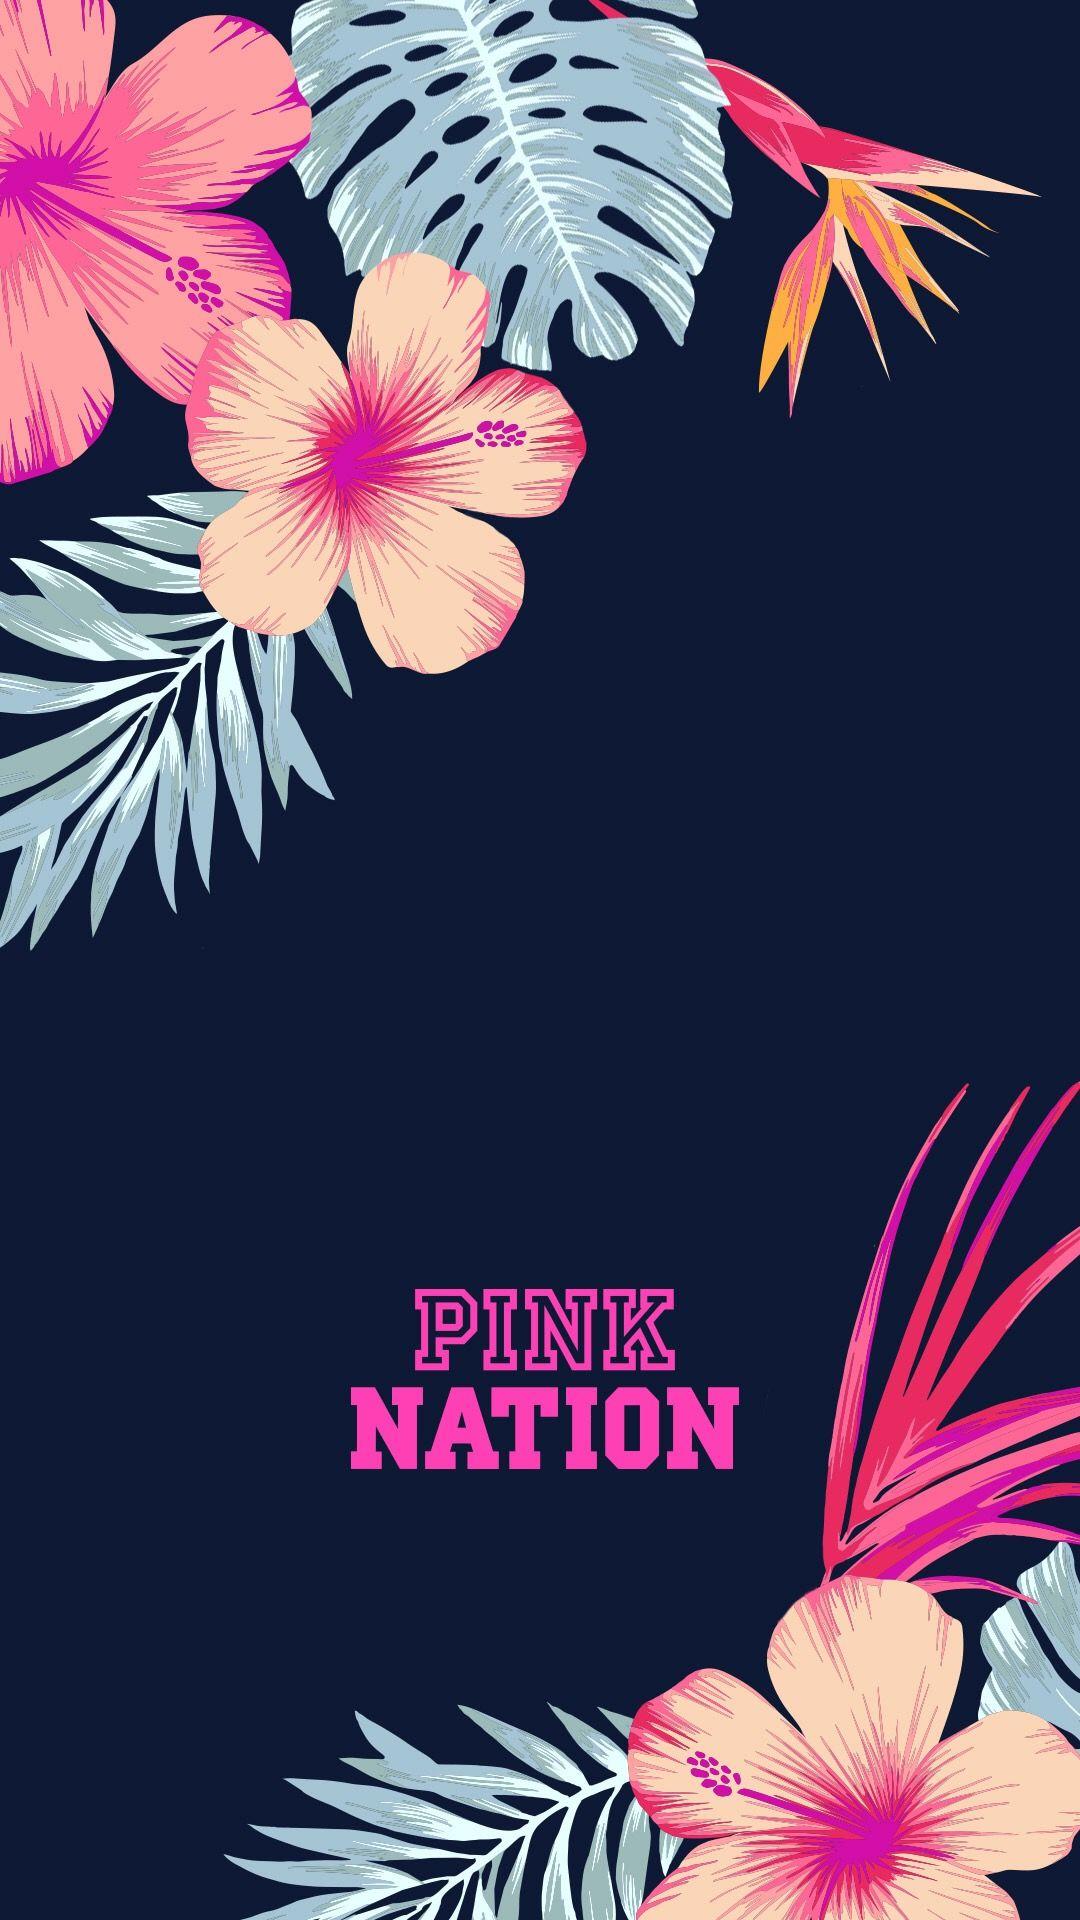 pink nation wallpaper @lexxyjean | iphone wallpaper | pinterest